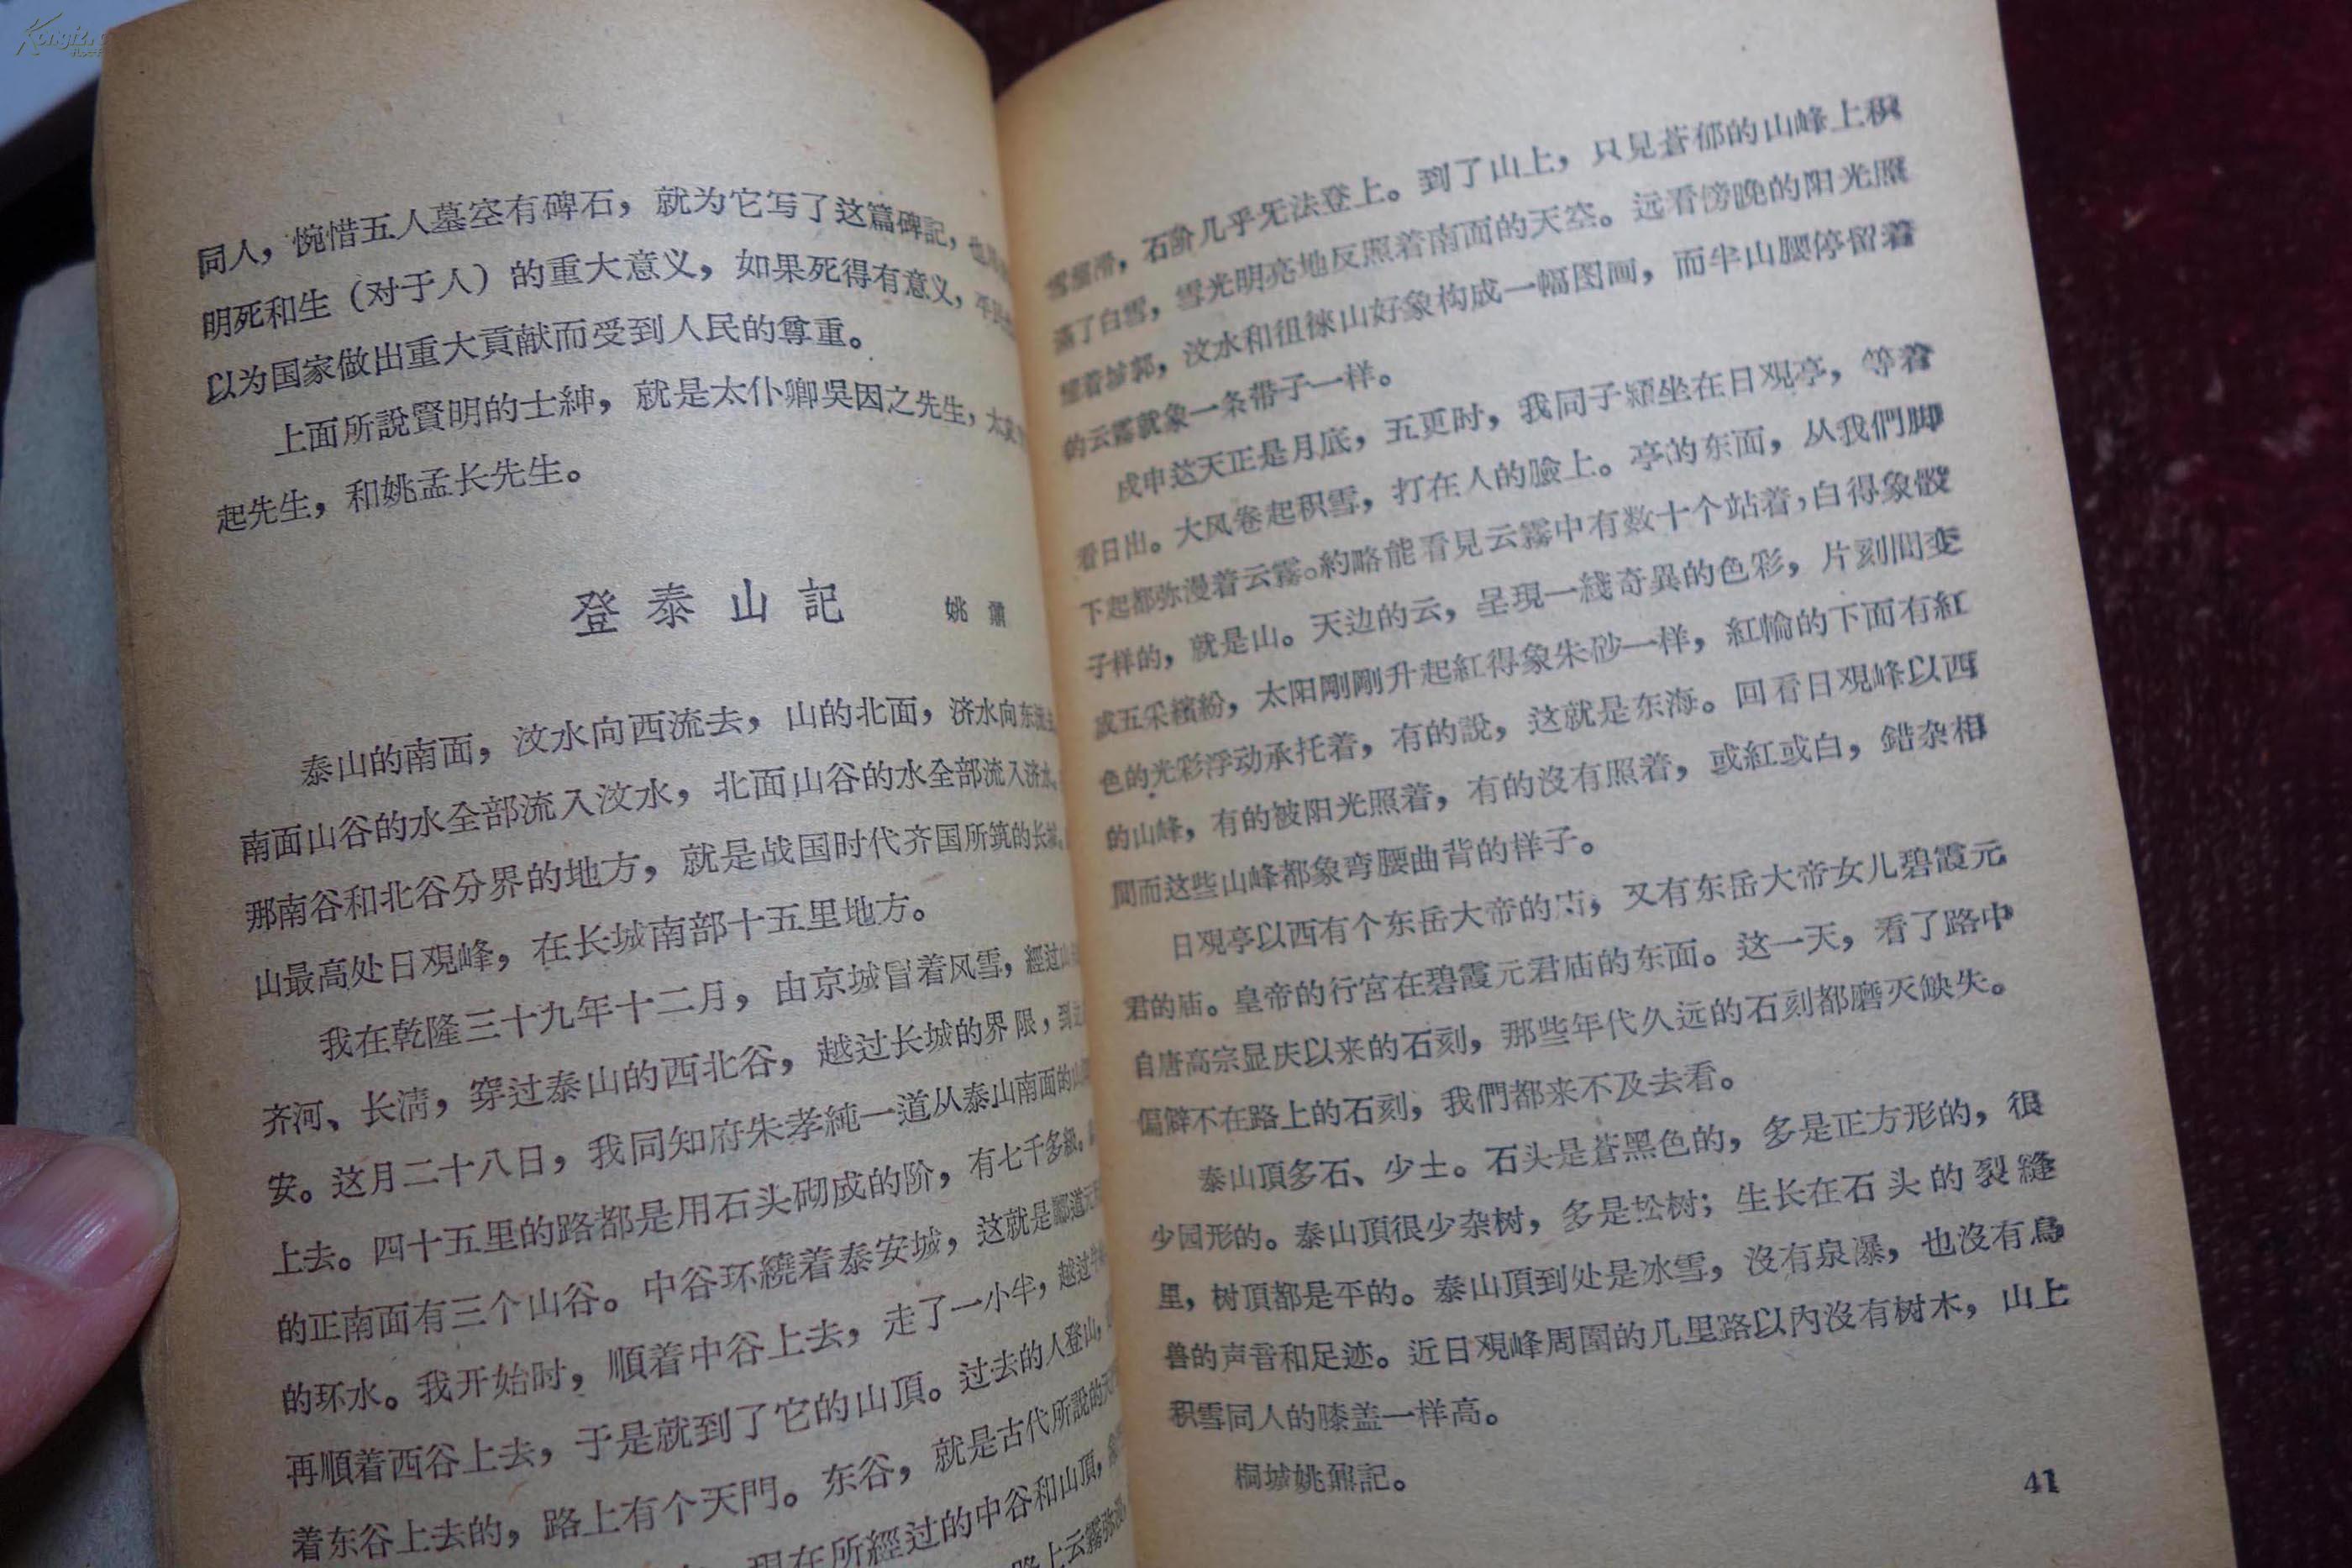 五册《古文翻译图片